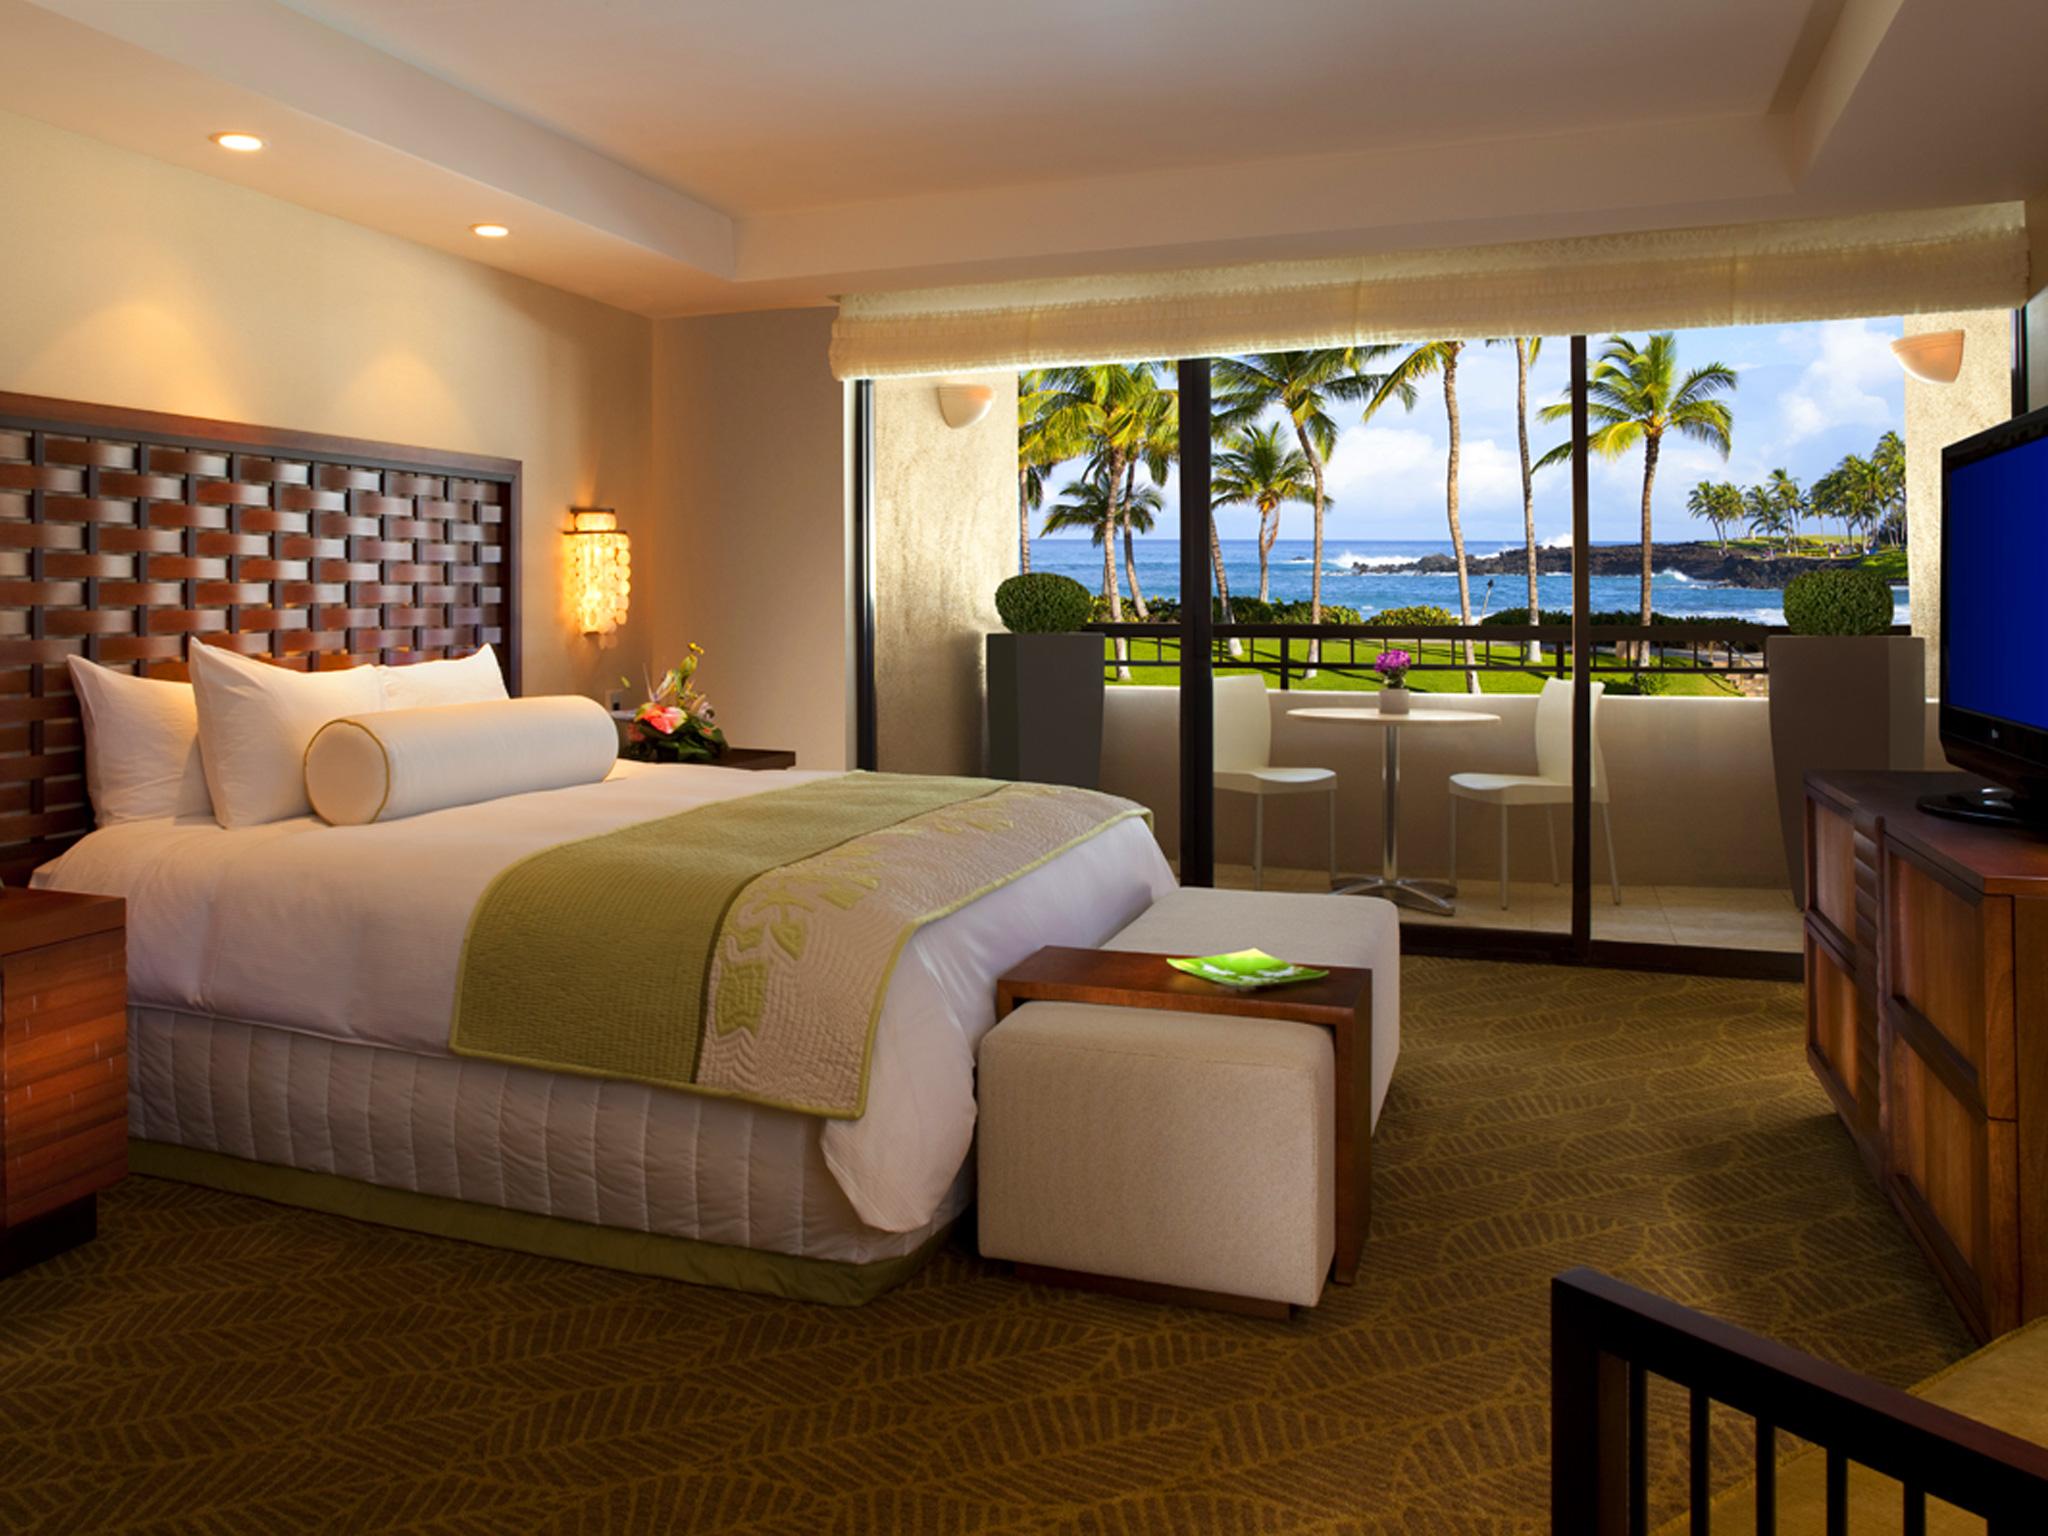 Hilton Hawaiian Village Rooms Suites Photo Gallery: Hilton Waikoloa Village